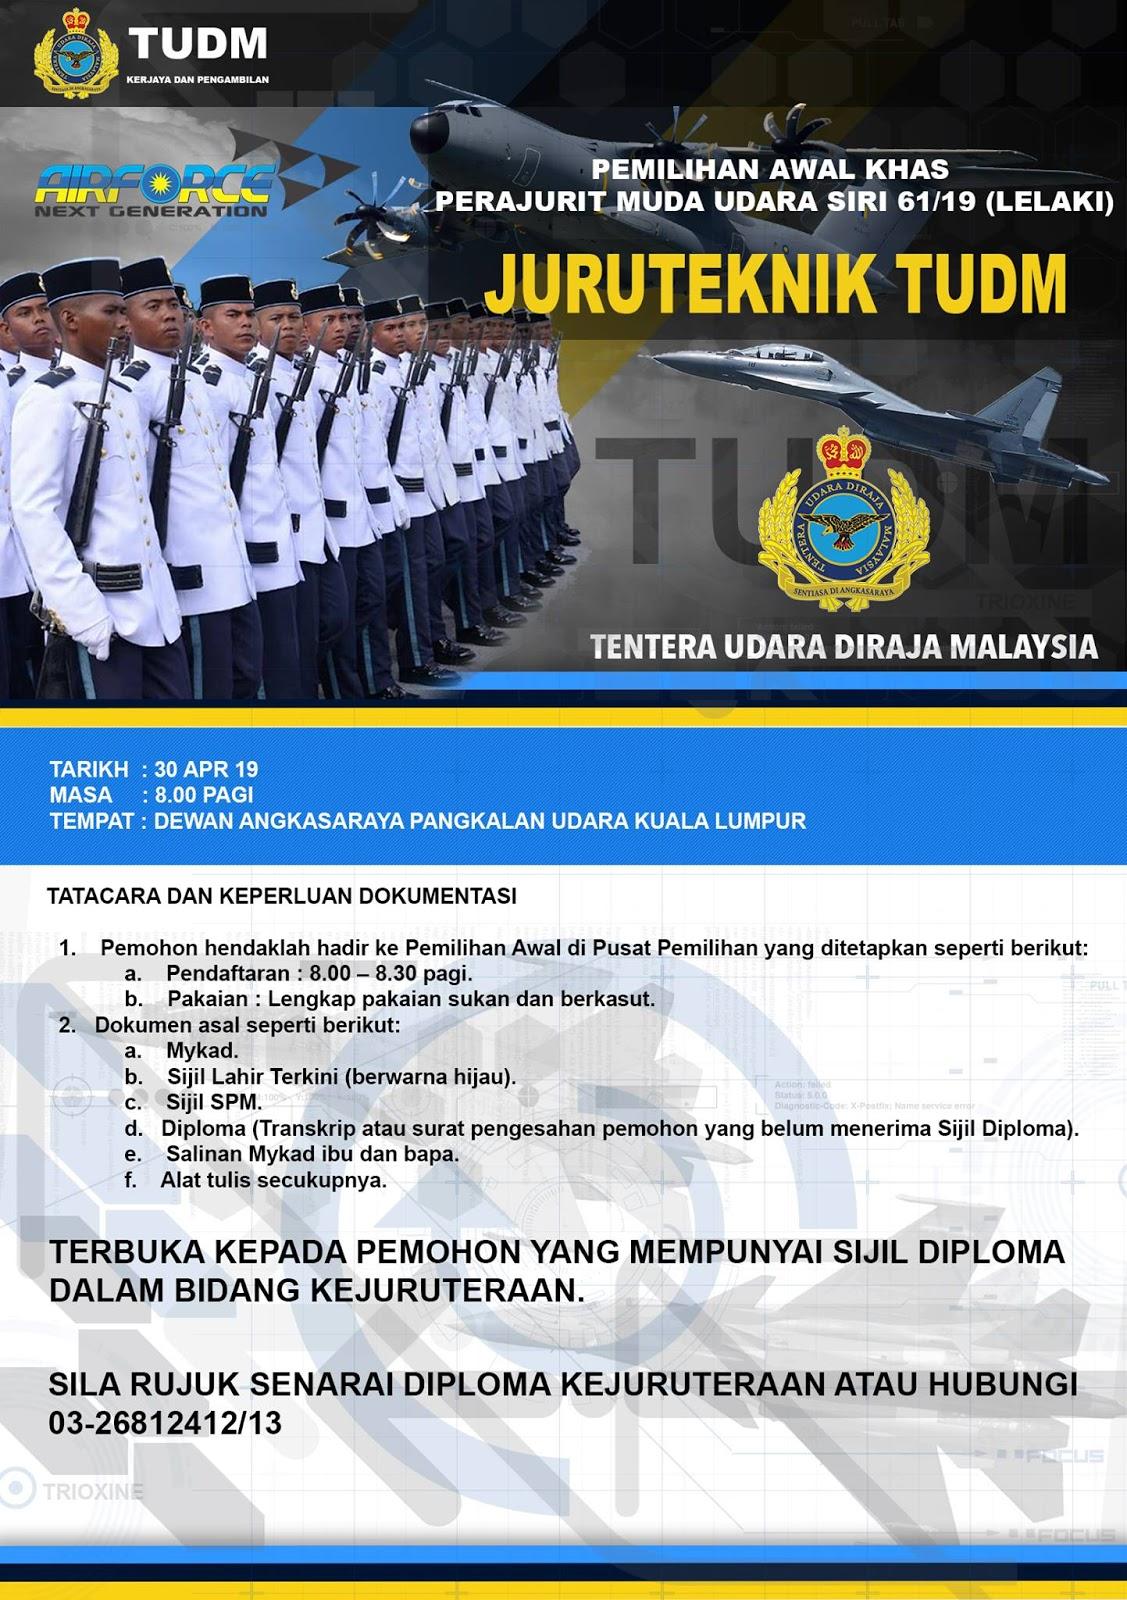 Pemilihan Khas Tentera Udara Diraja Malaysia Tudm 30 April 2019 Jawatan Kosong 2020